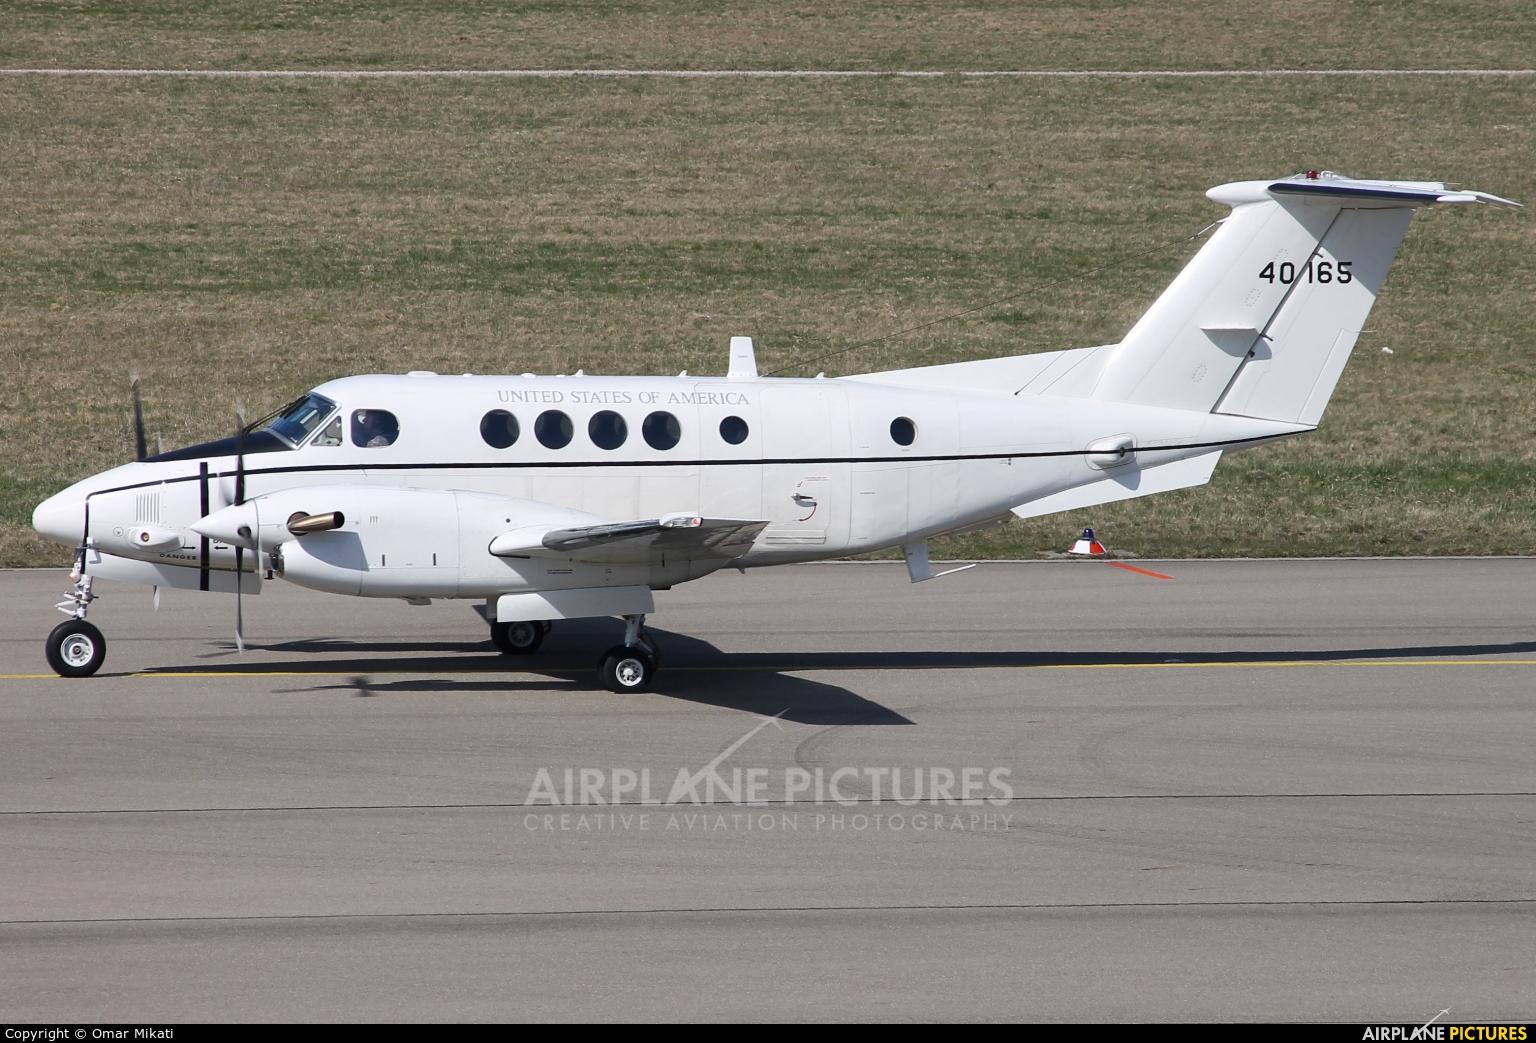 USA - Army 840165 aircraft at Stuttgart